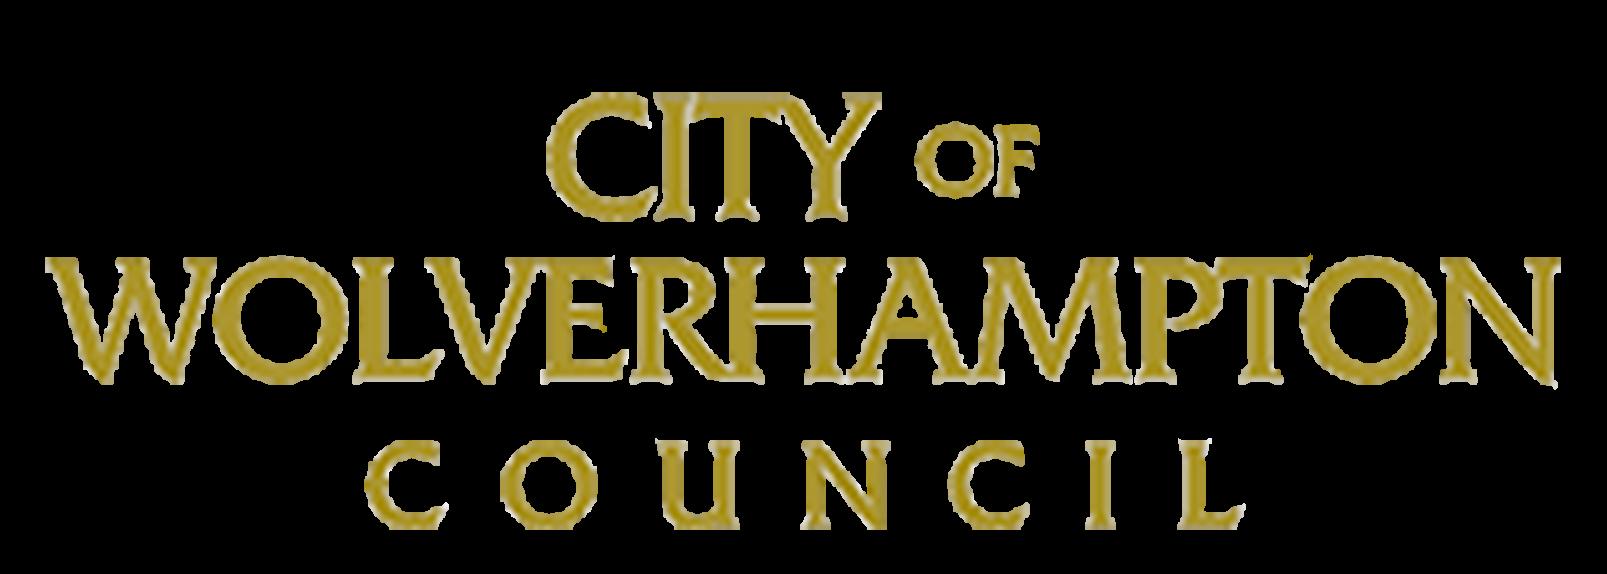 City of Wolverhampton Council logo